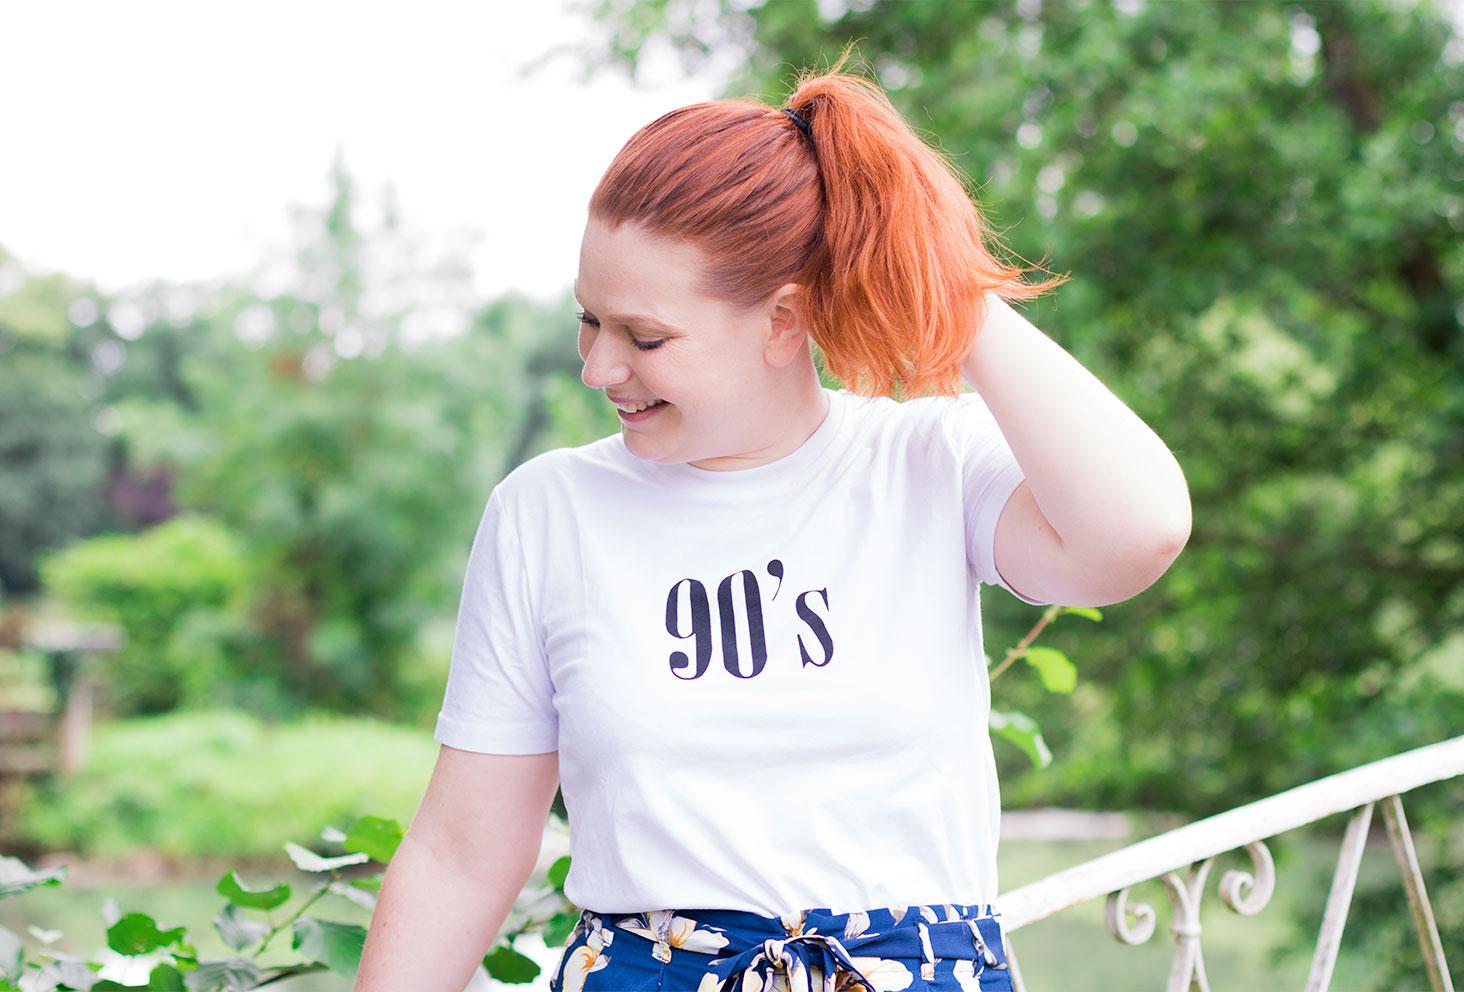 De face, t-shirt SheIn 90's porté, contre une rambarde en fer forgé blanche au milieu de la verdure